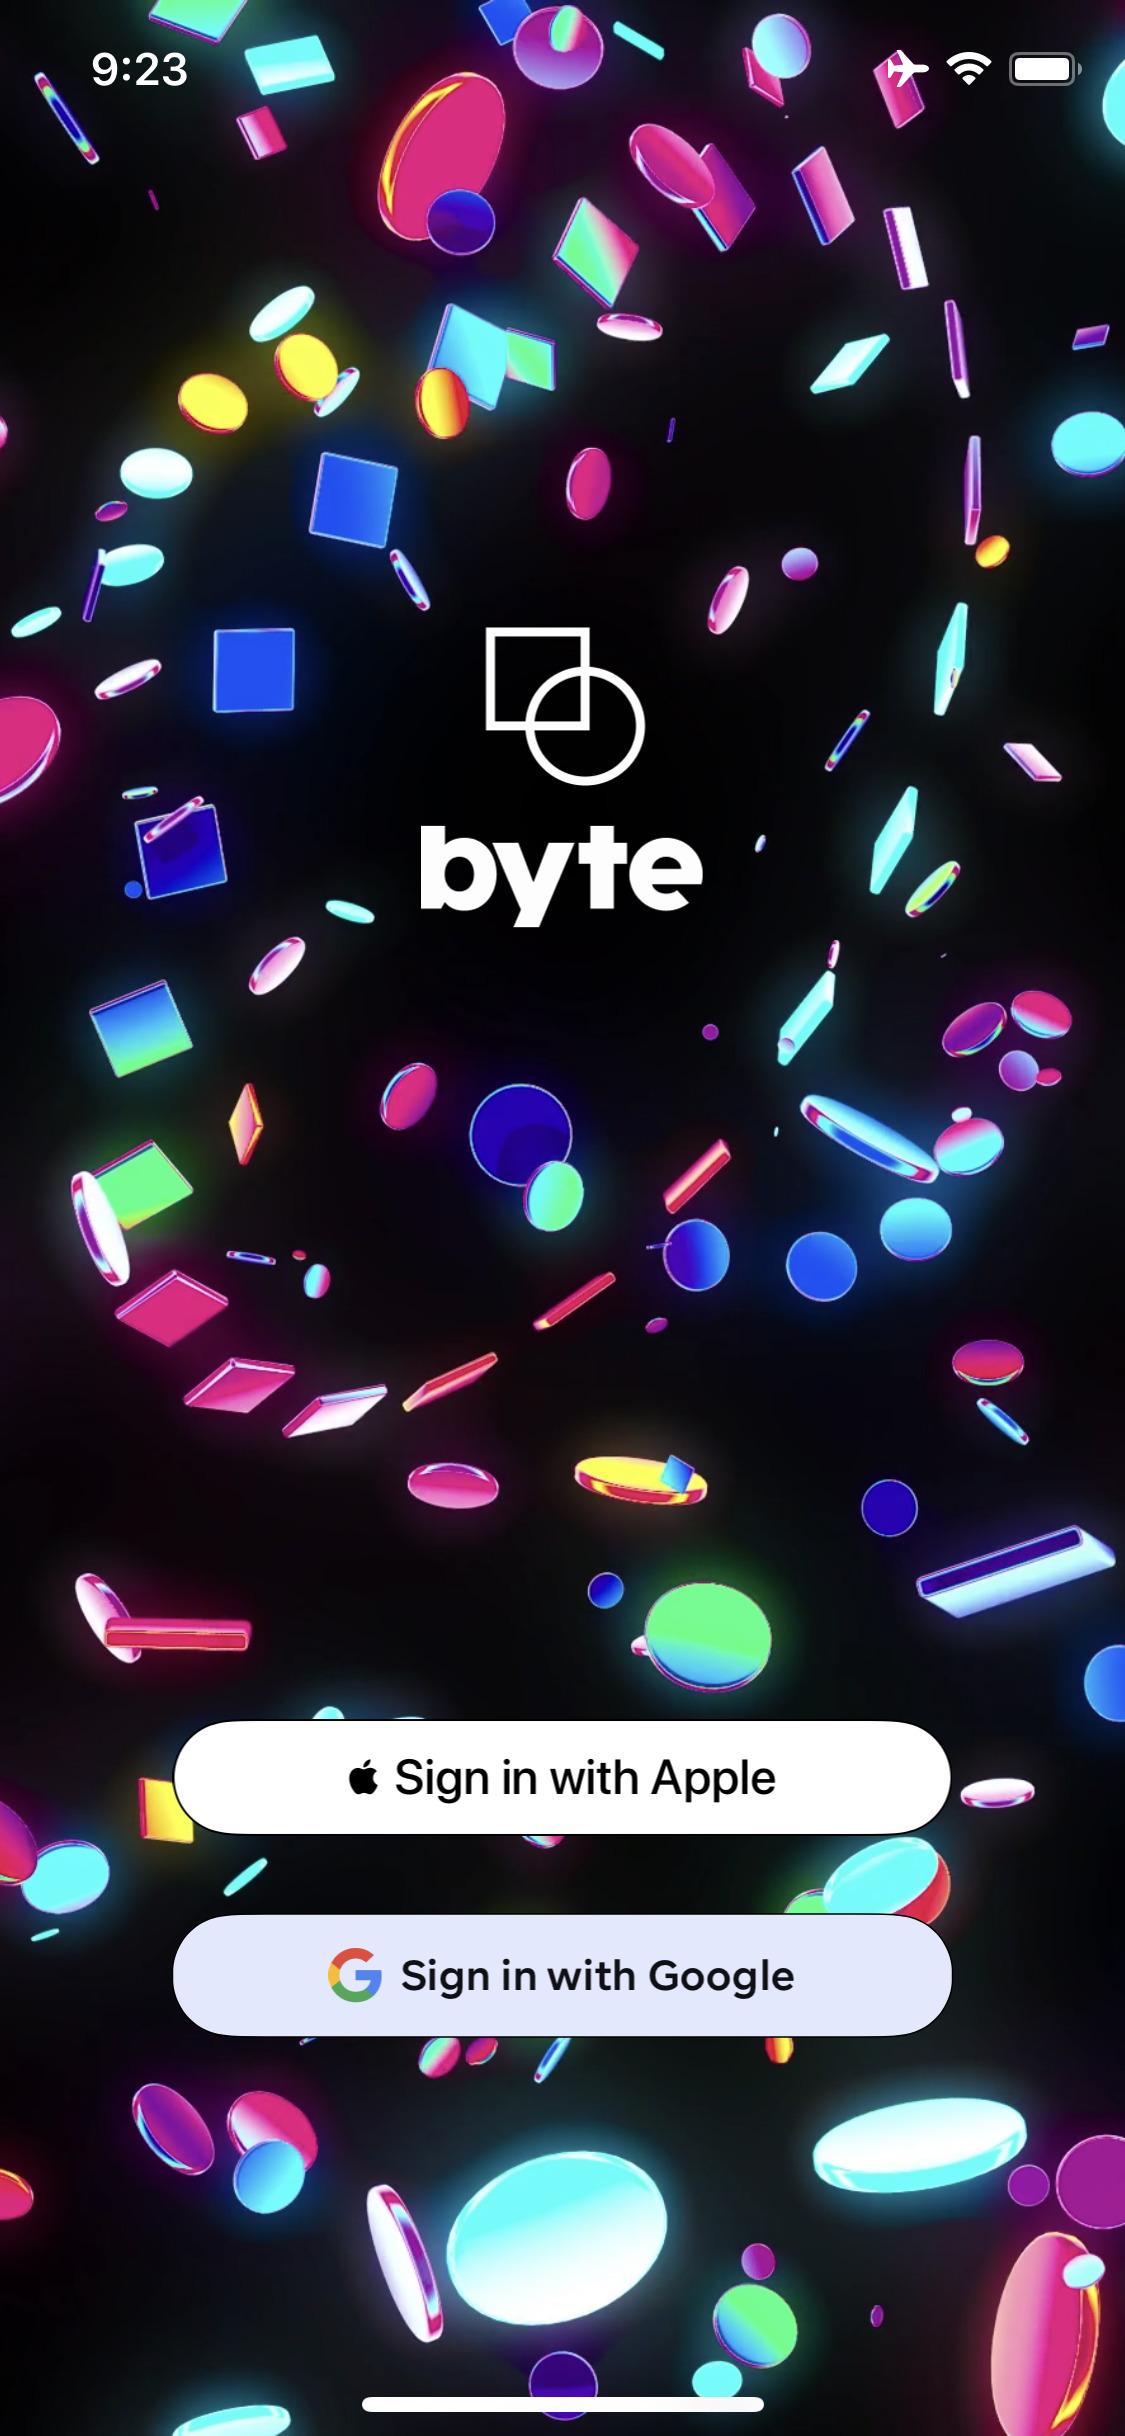 6秒動画Vine後継「byte」iOS/Androidアプリ配信開始!使い方や画面解説。byte/対TikTokライバル ショートムービーアプリ最新ニュース 2020年1月25日